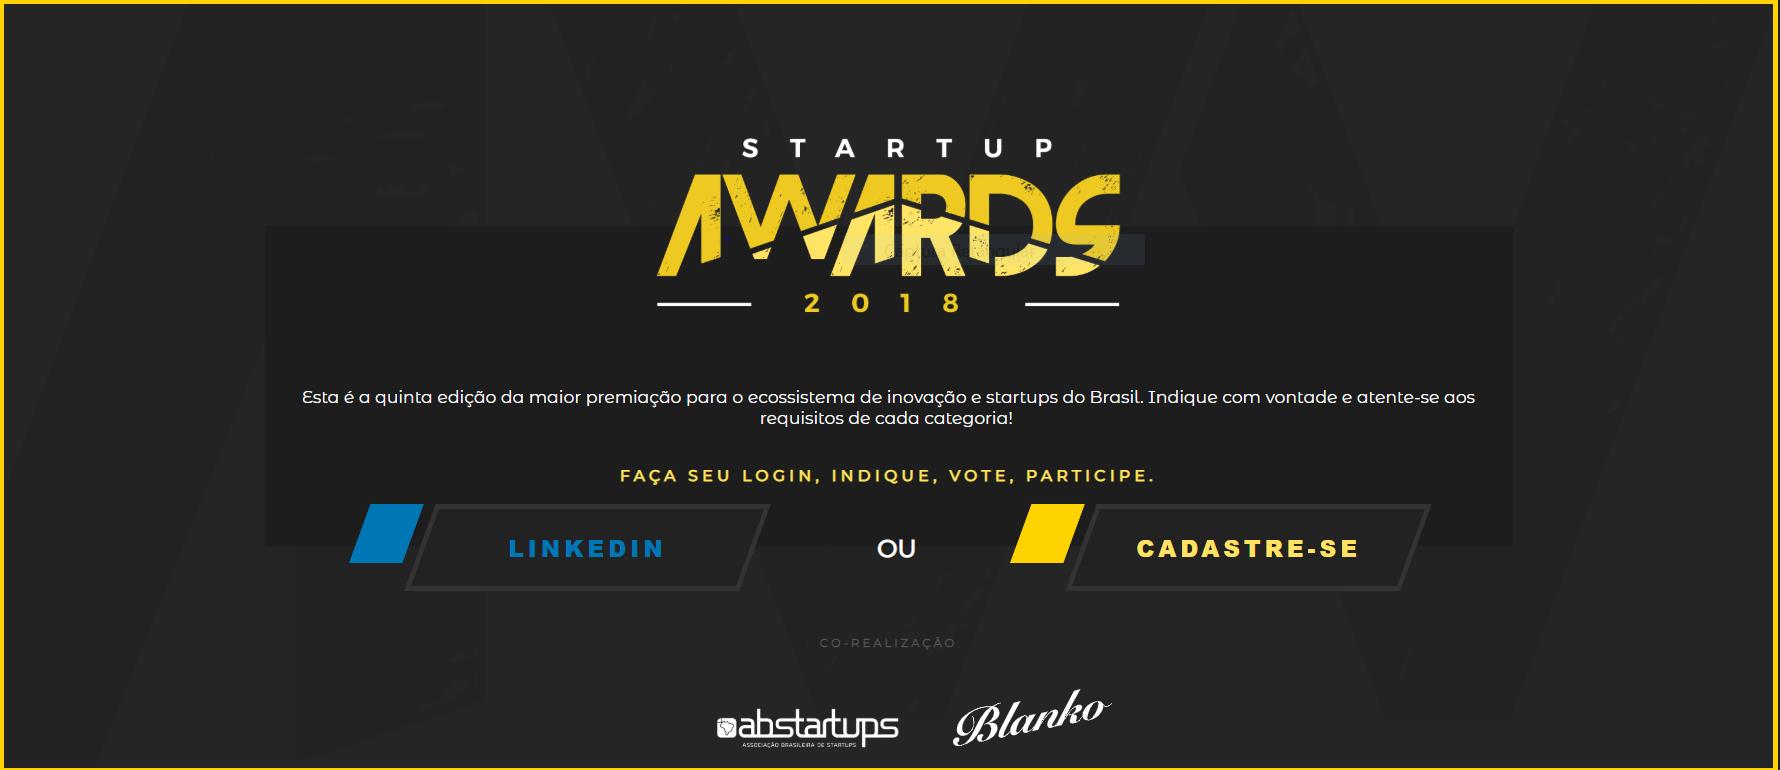 satrtup awards